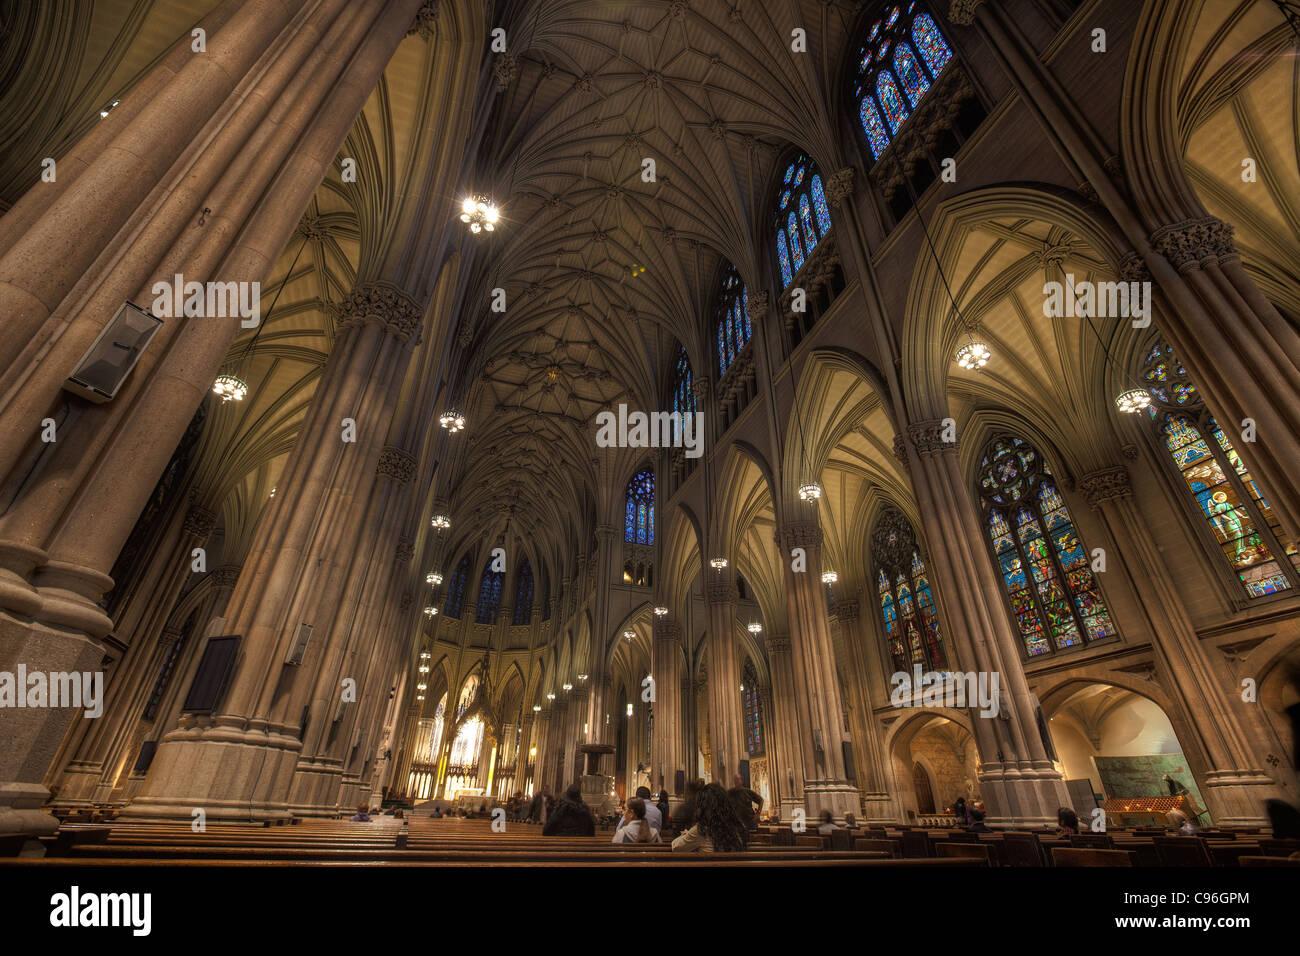 Intérieur de la cathédrale Saint-Patrick, New York City Banque D'Images